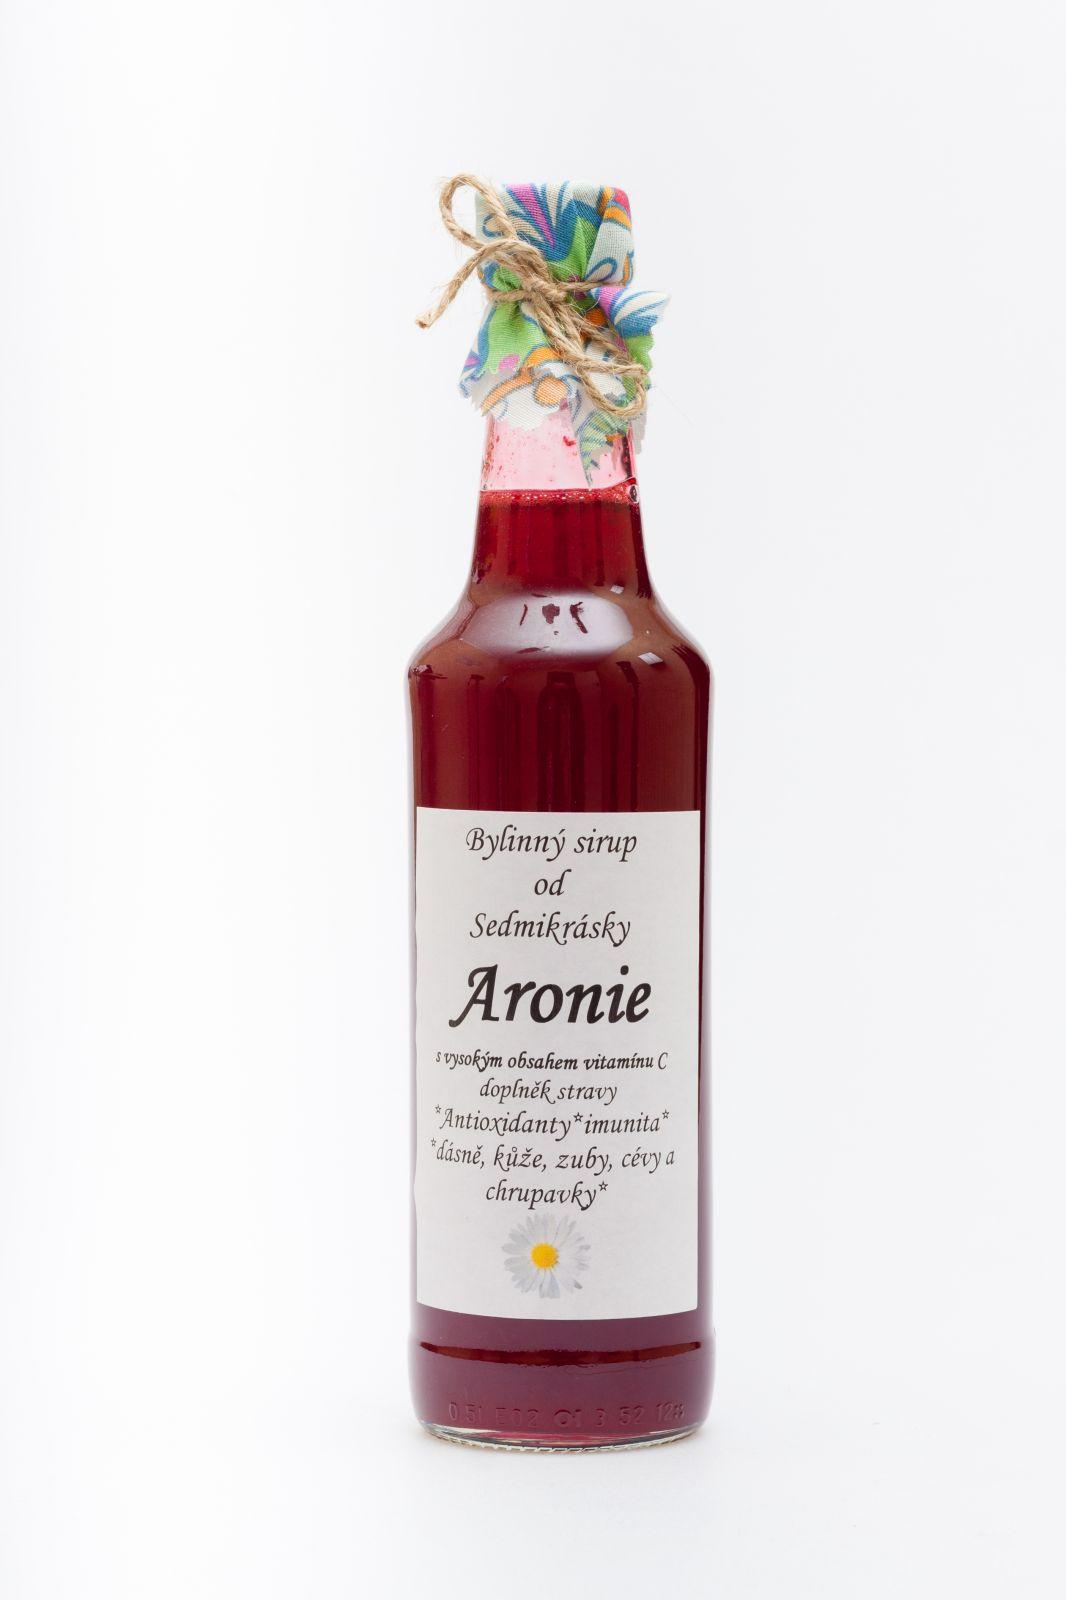 Sedmikráska sirup Aronie 1000 ml - antioxidanty, imunita, dásně, kůže, zuby, cévy a chrupavky, doplněk stravy Rodinná farma Sedmikráska